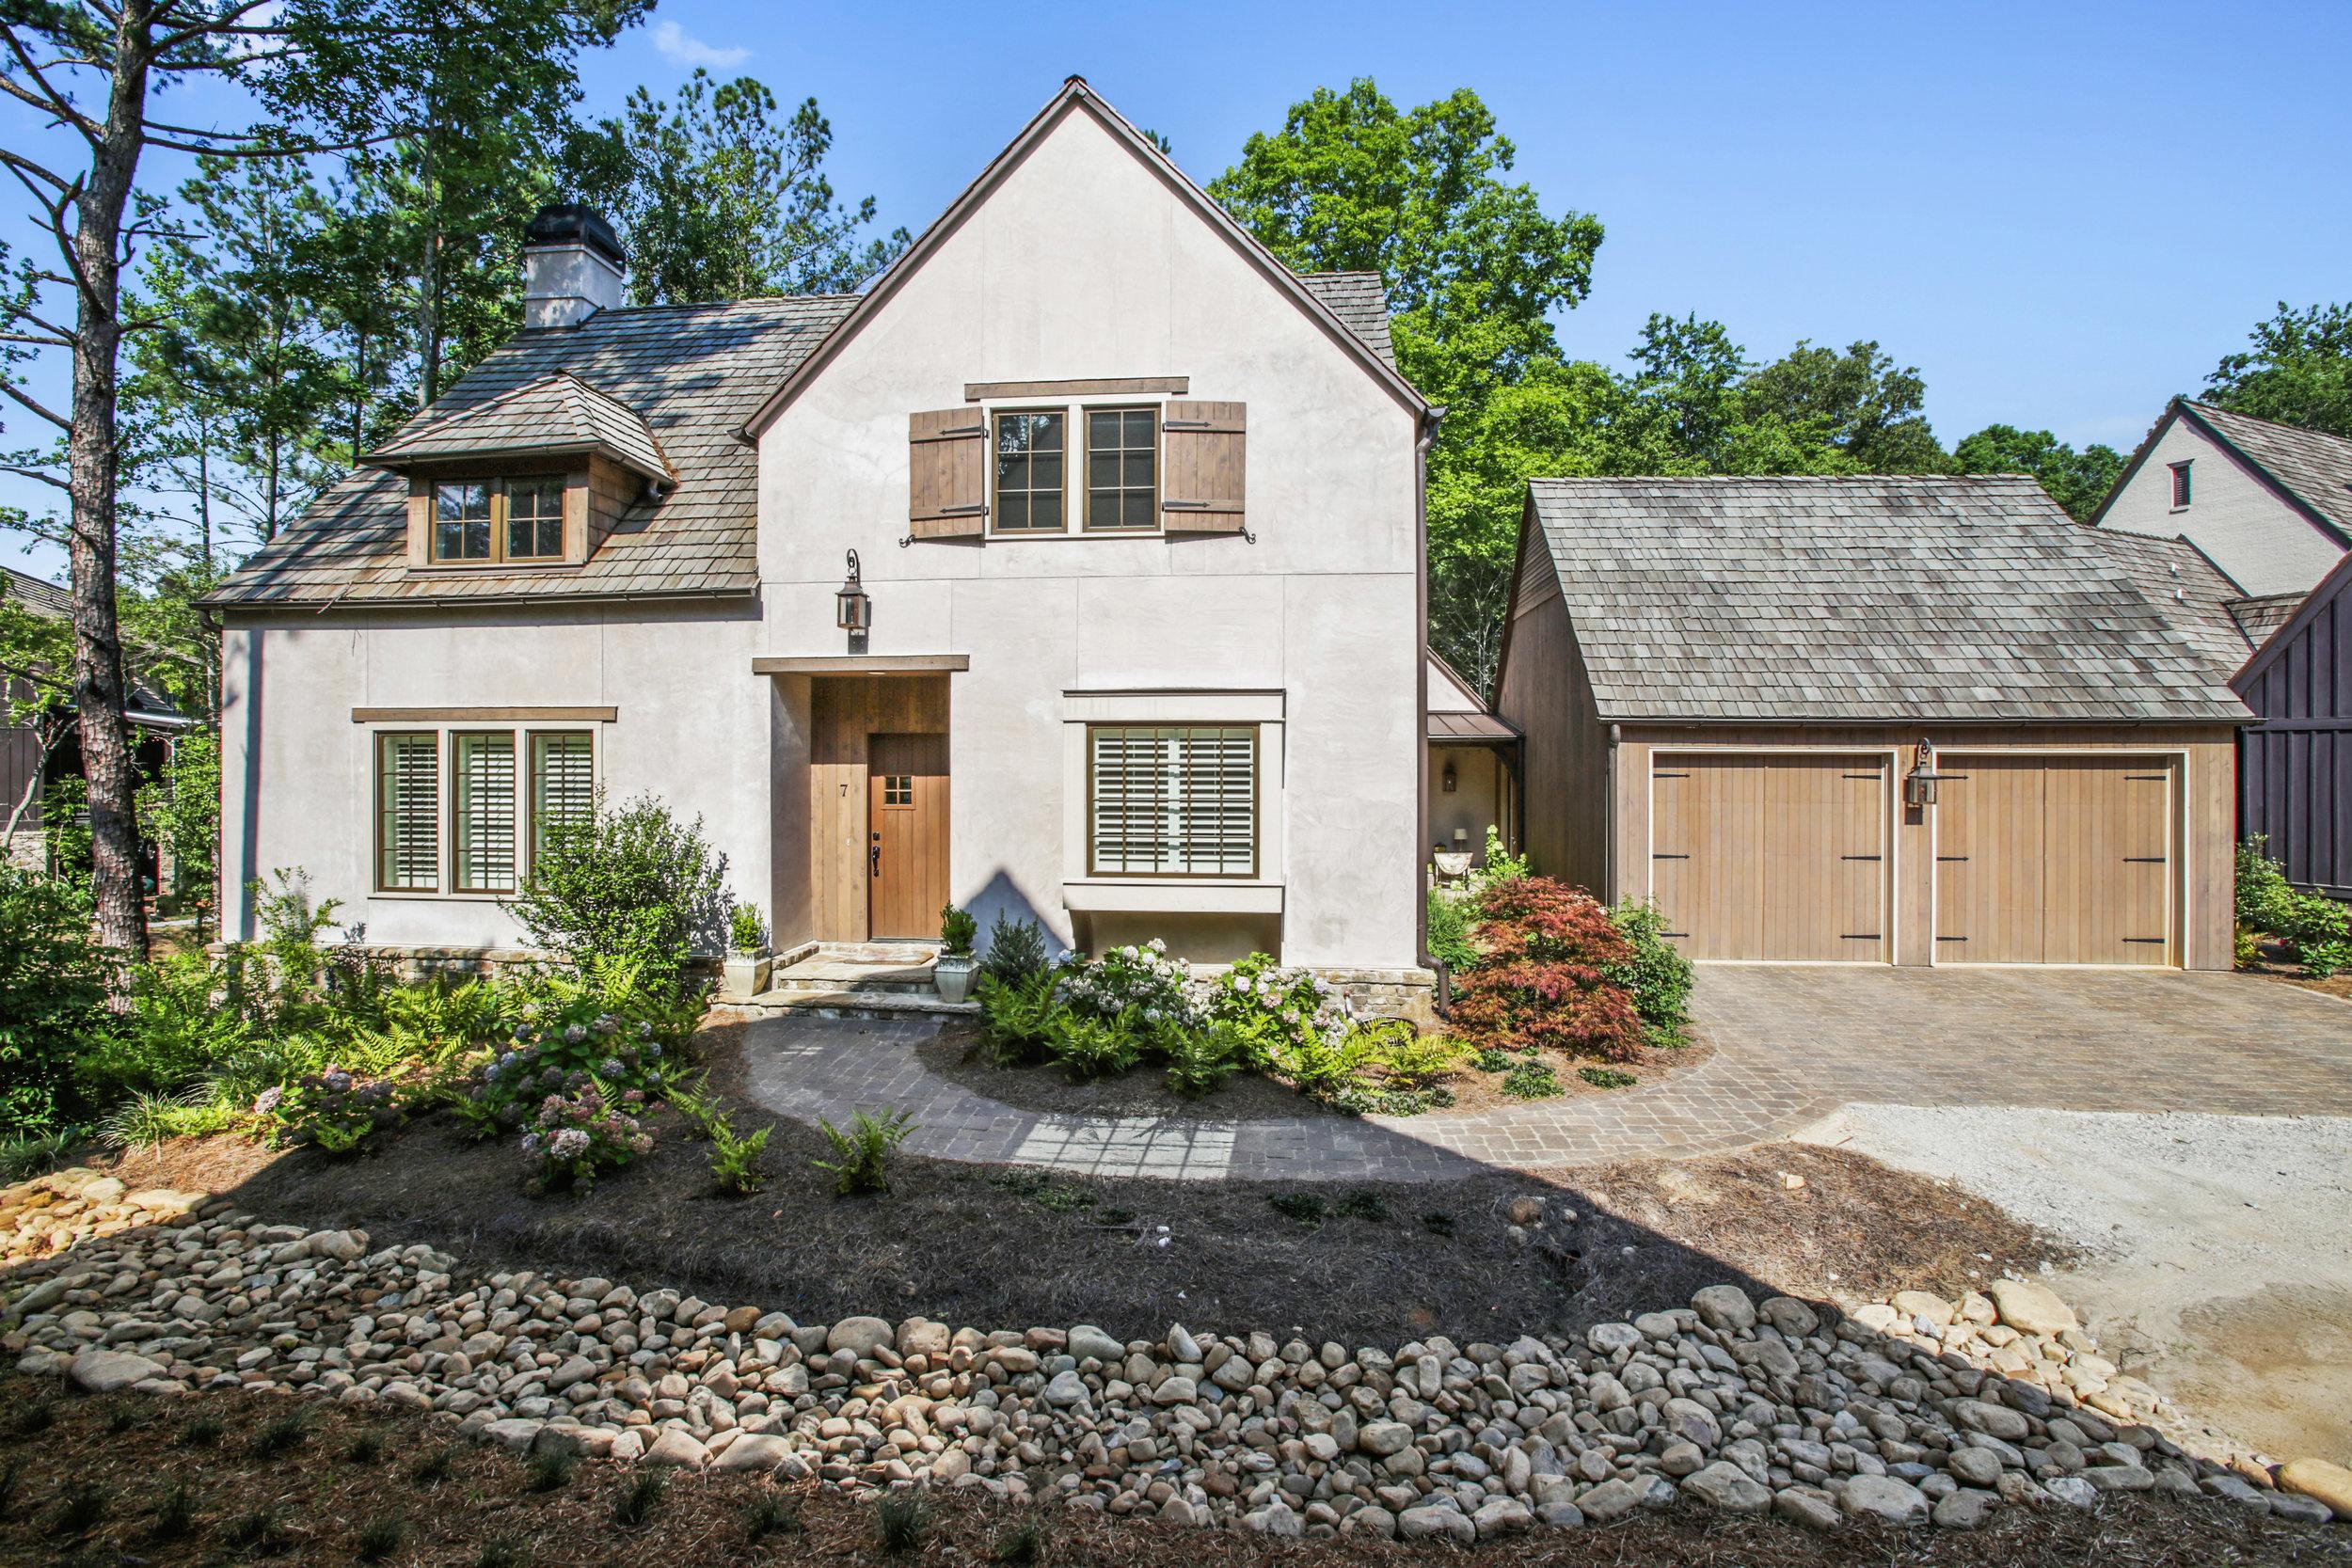 Swann Ridge Cottage   4 Beds 3.5 Baths 2,944 SQFT  Serenbe Community  Chattahoochee Hills, GA